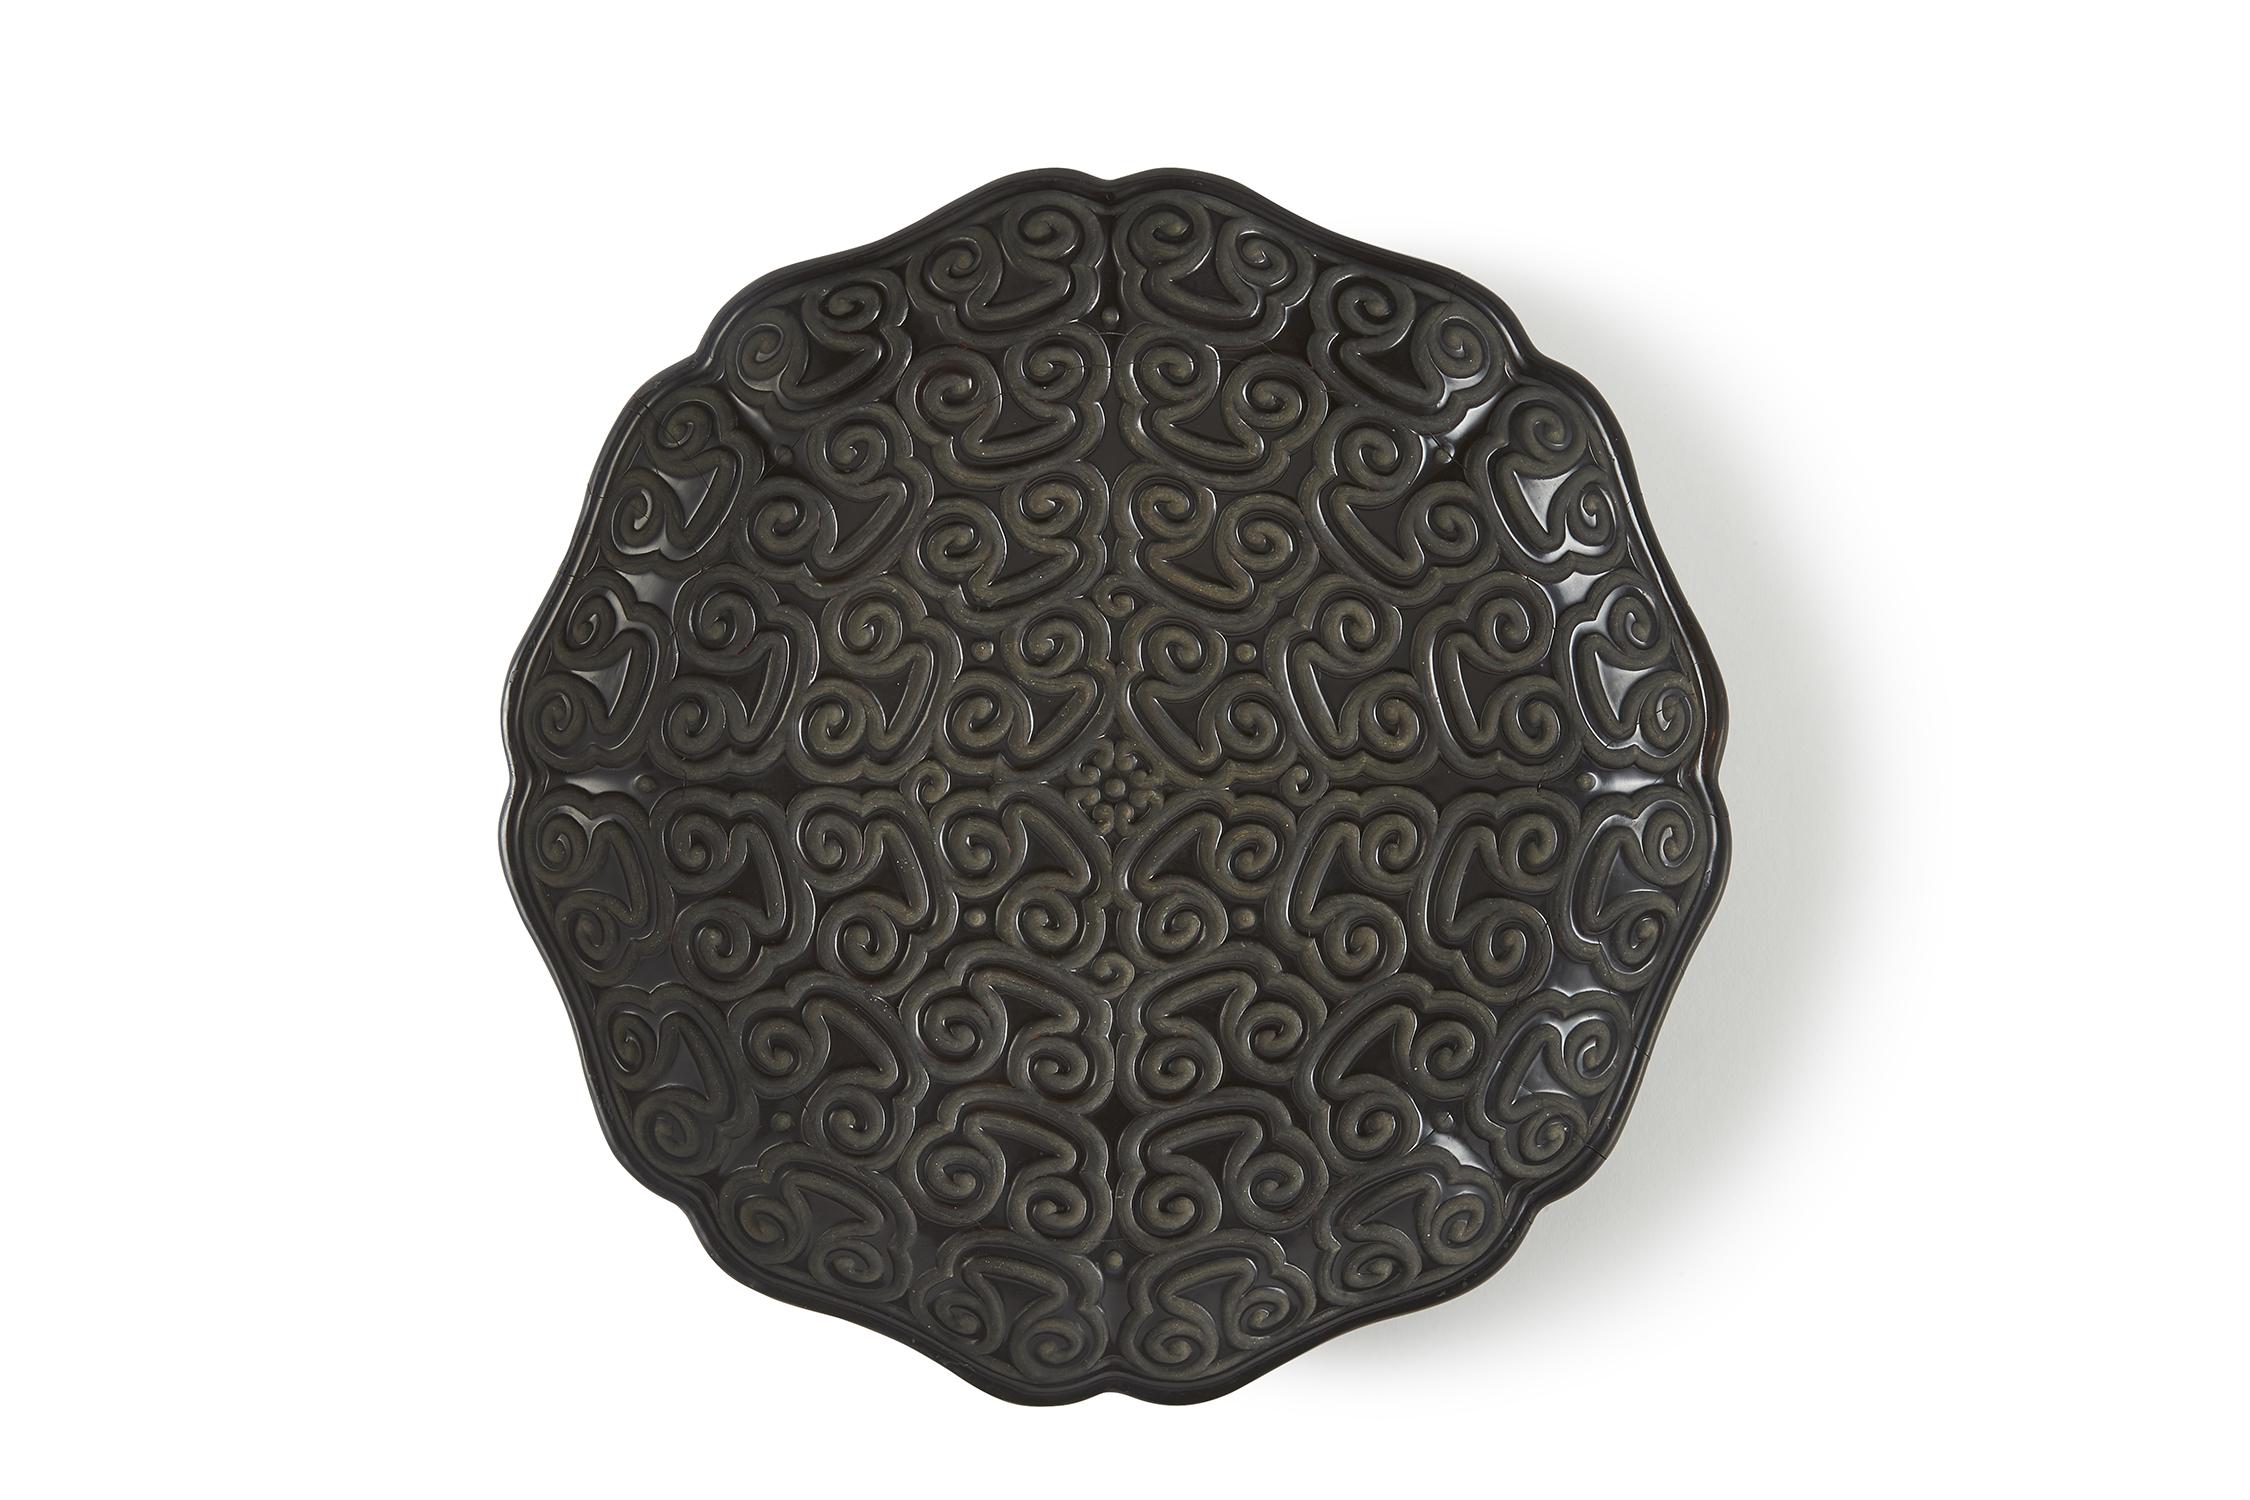 170287明 剔犀雕 如意雲紋 輪花盤